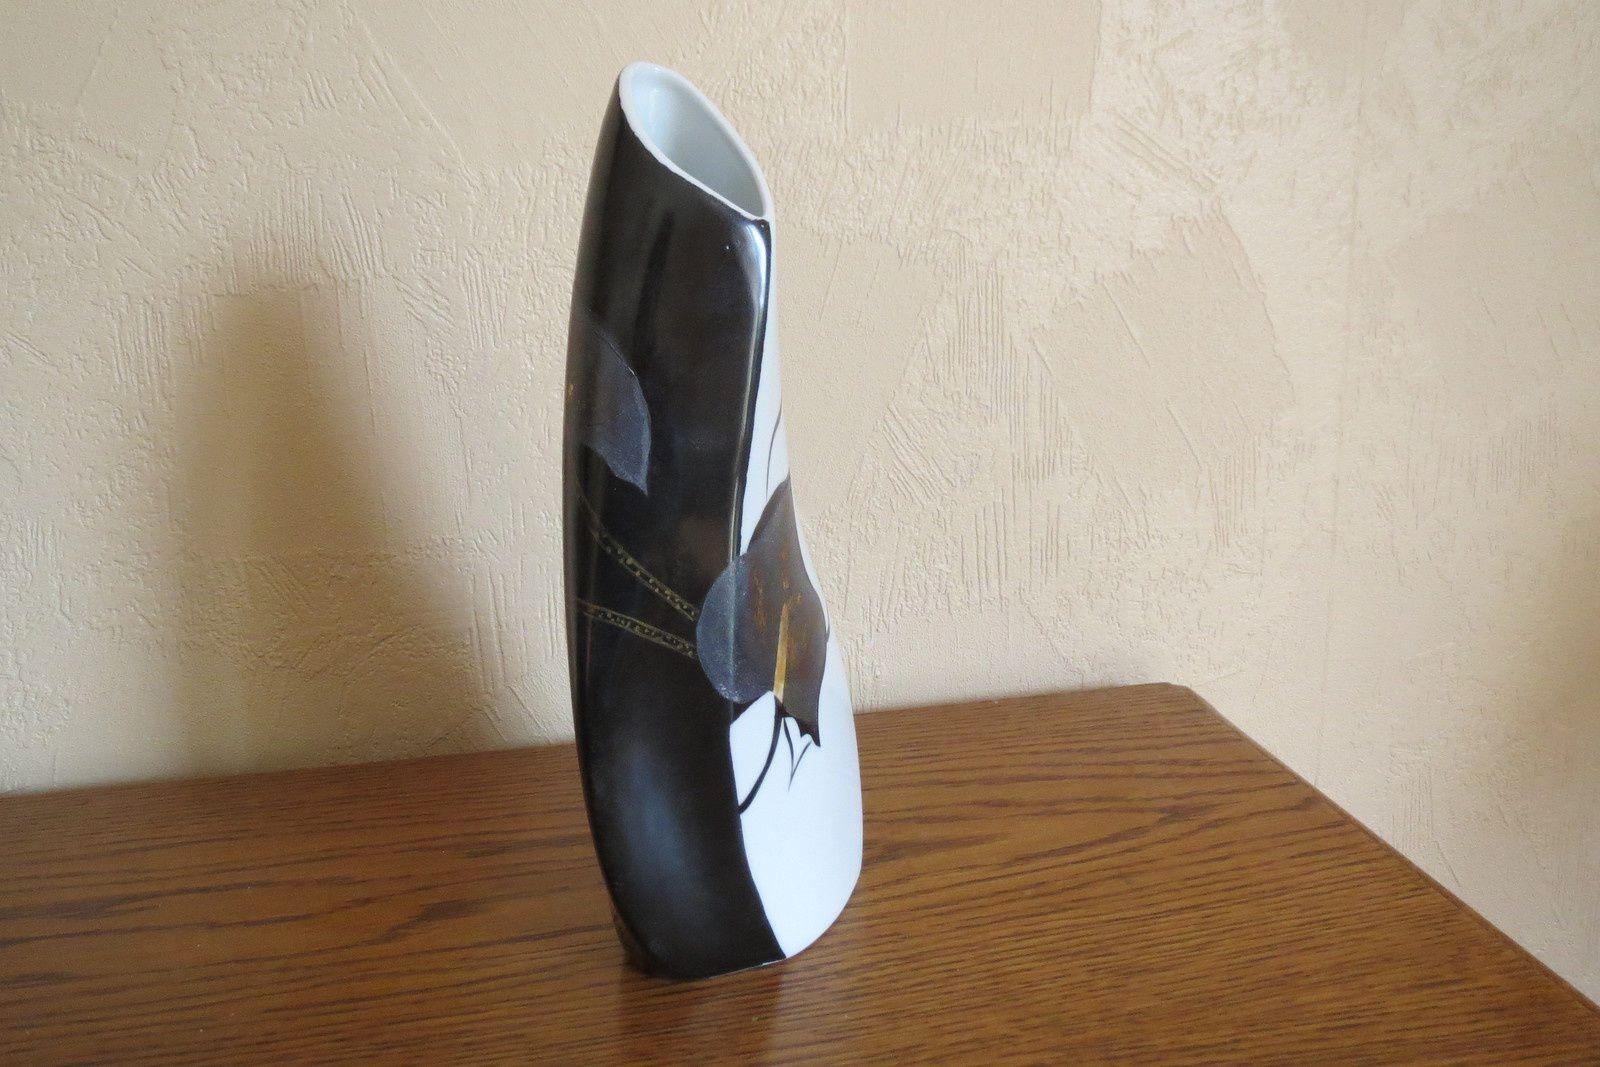 un vase noir et blanc